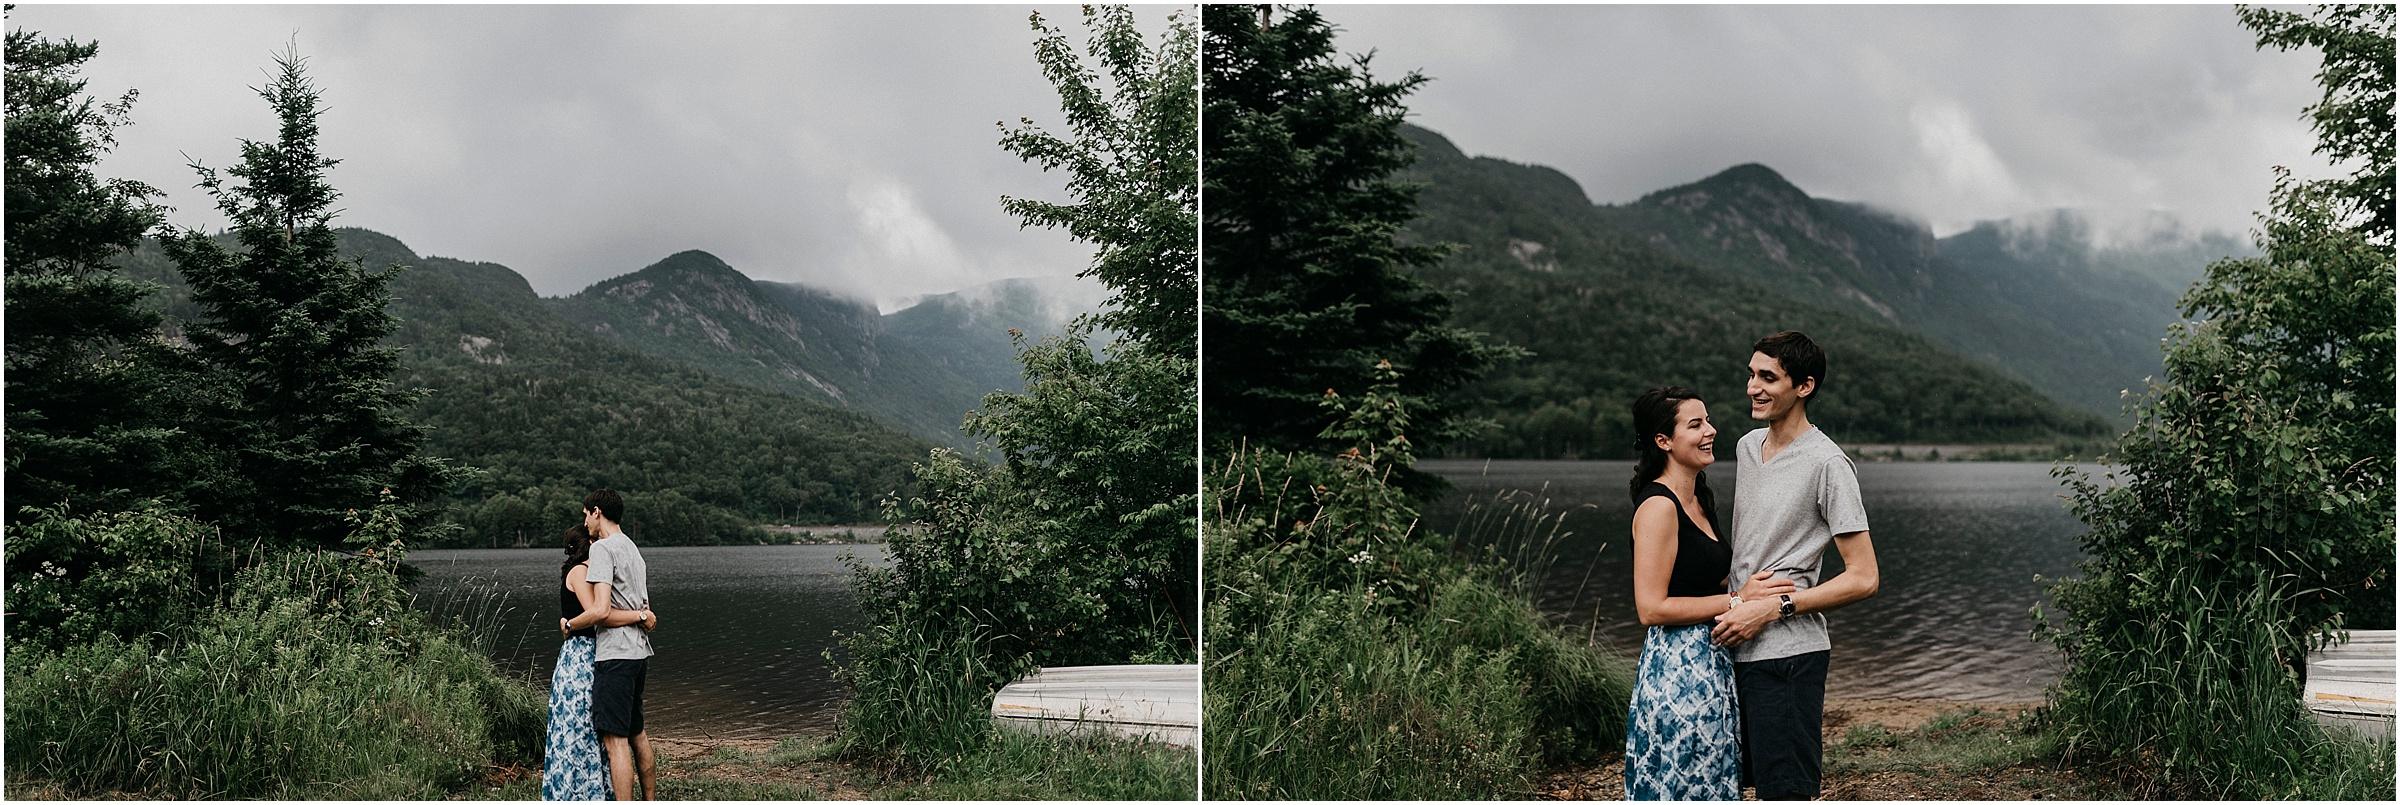 2017-09-12_0093.jpg